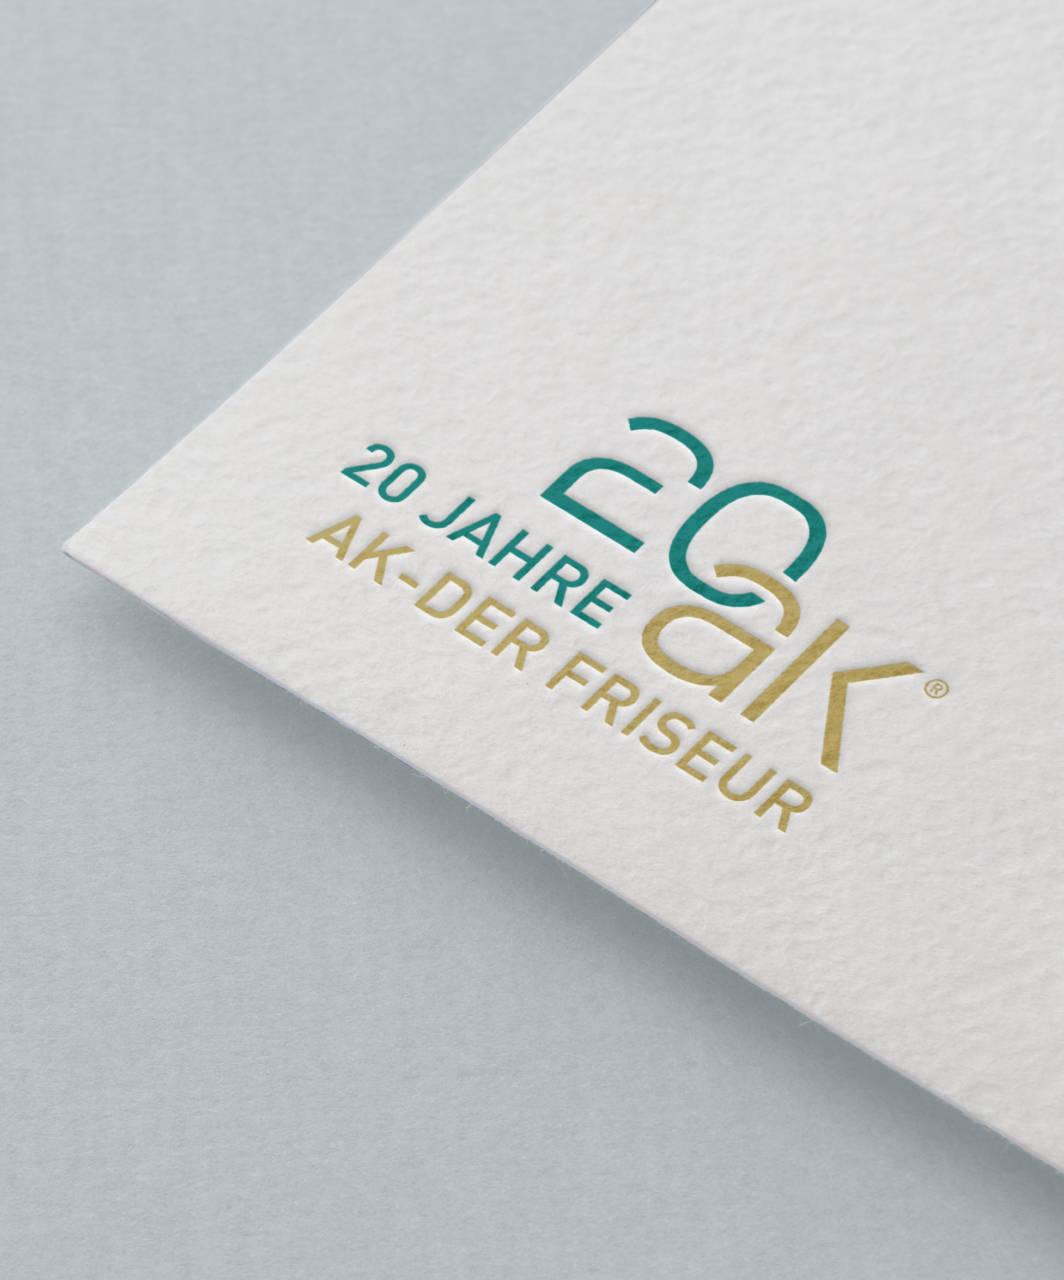 20 Jahre AK - das Jubiläum Logo